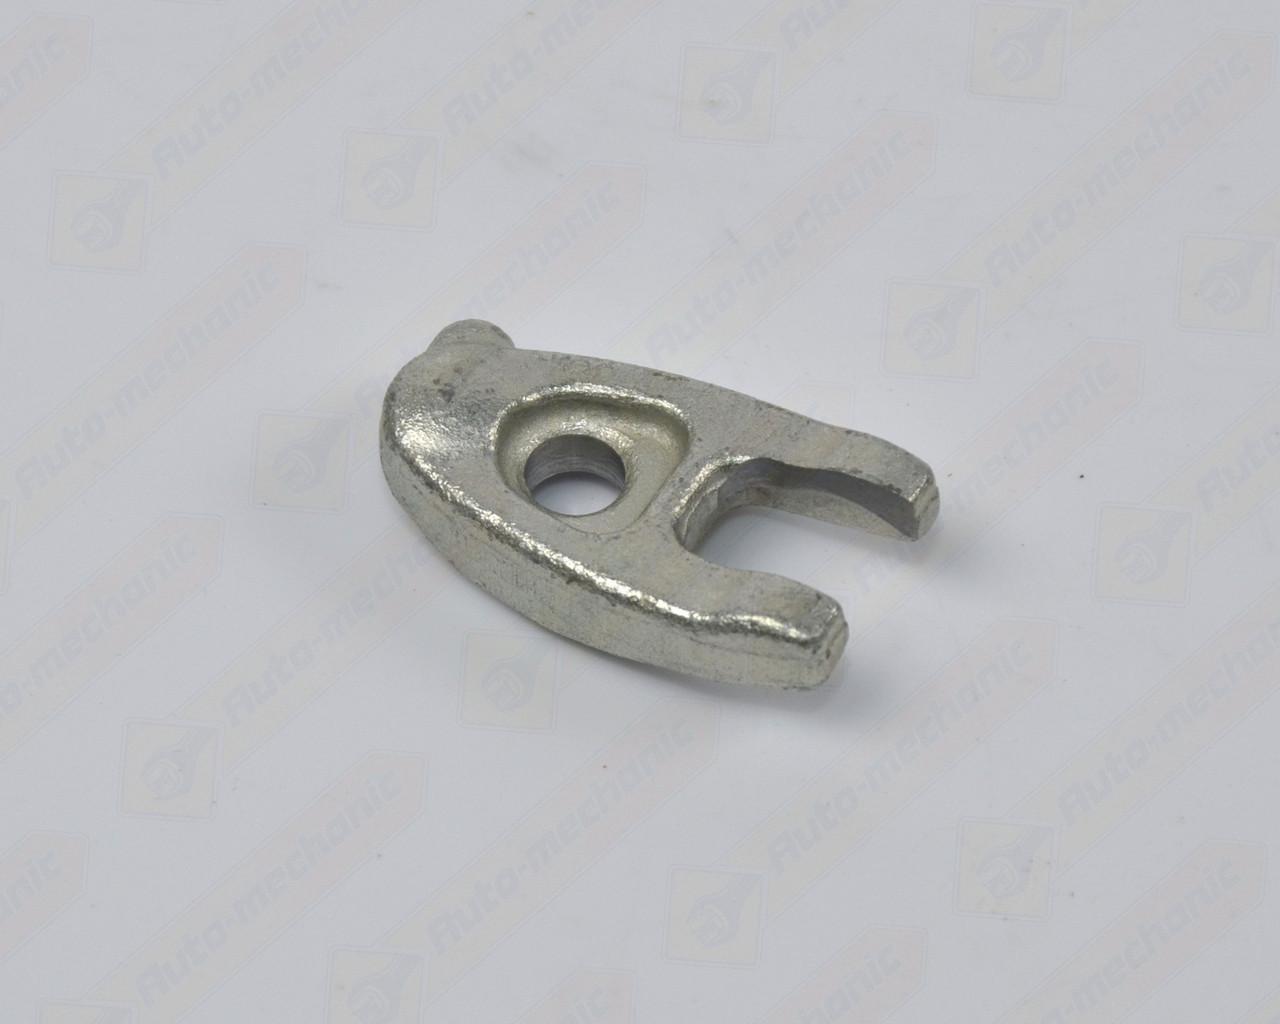 Кронштейн кріплення форсунки на Renault Kangoo II 2008-> 1.5 dCi - Renault (Оригінал) - 8200433867